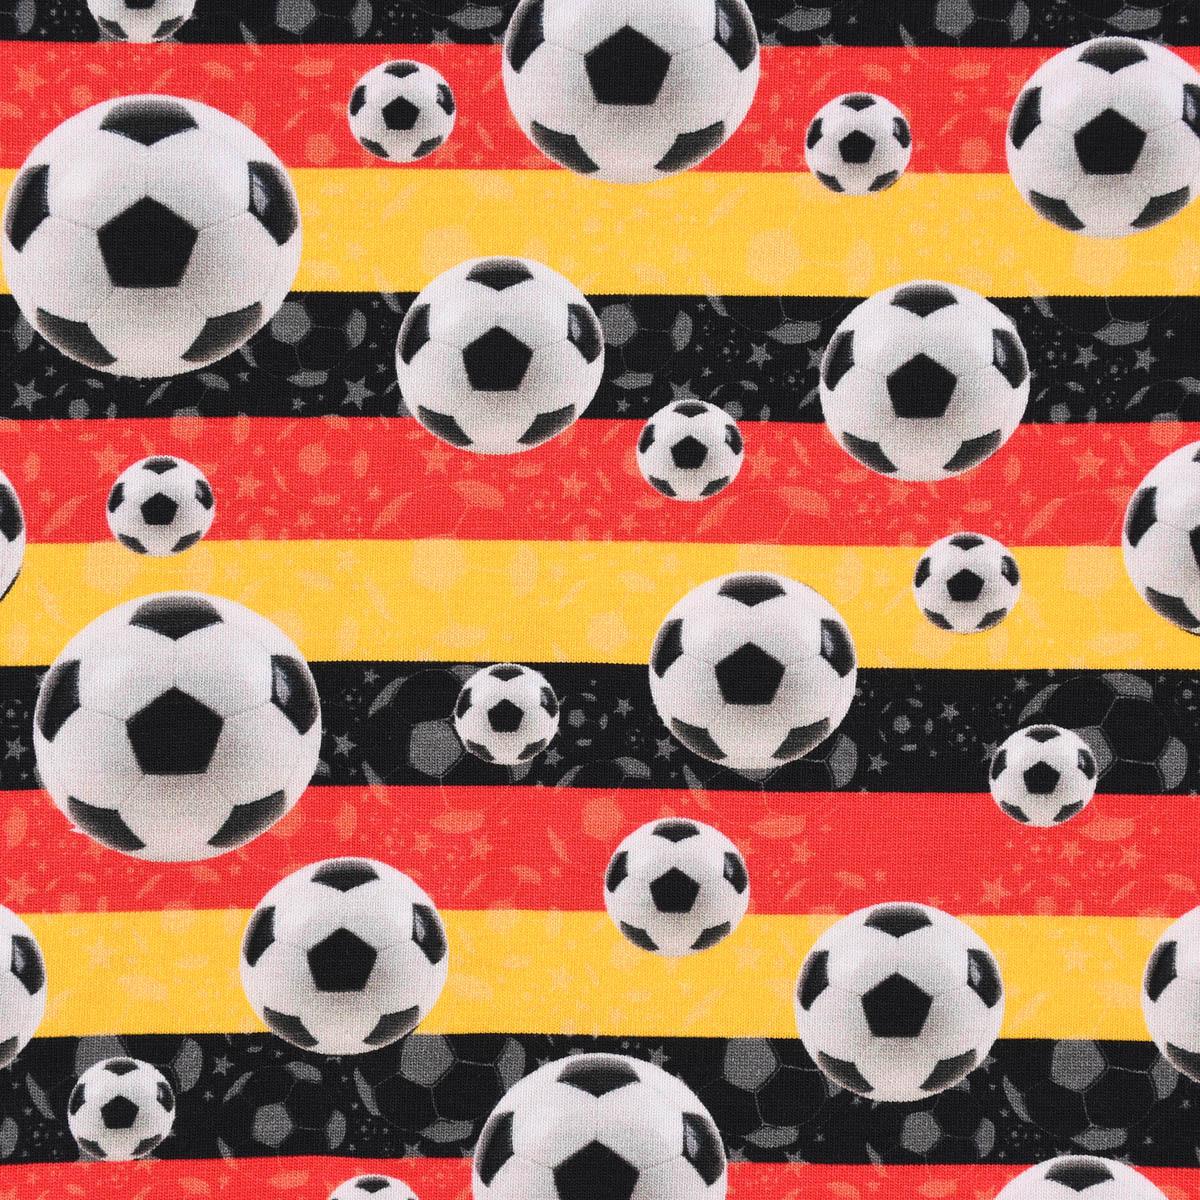 Baumwolljersey Digitaldruck Fußball Streifen schwarz rot gelb 1,45m Breite